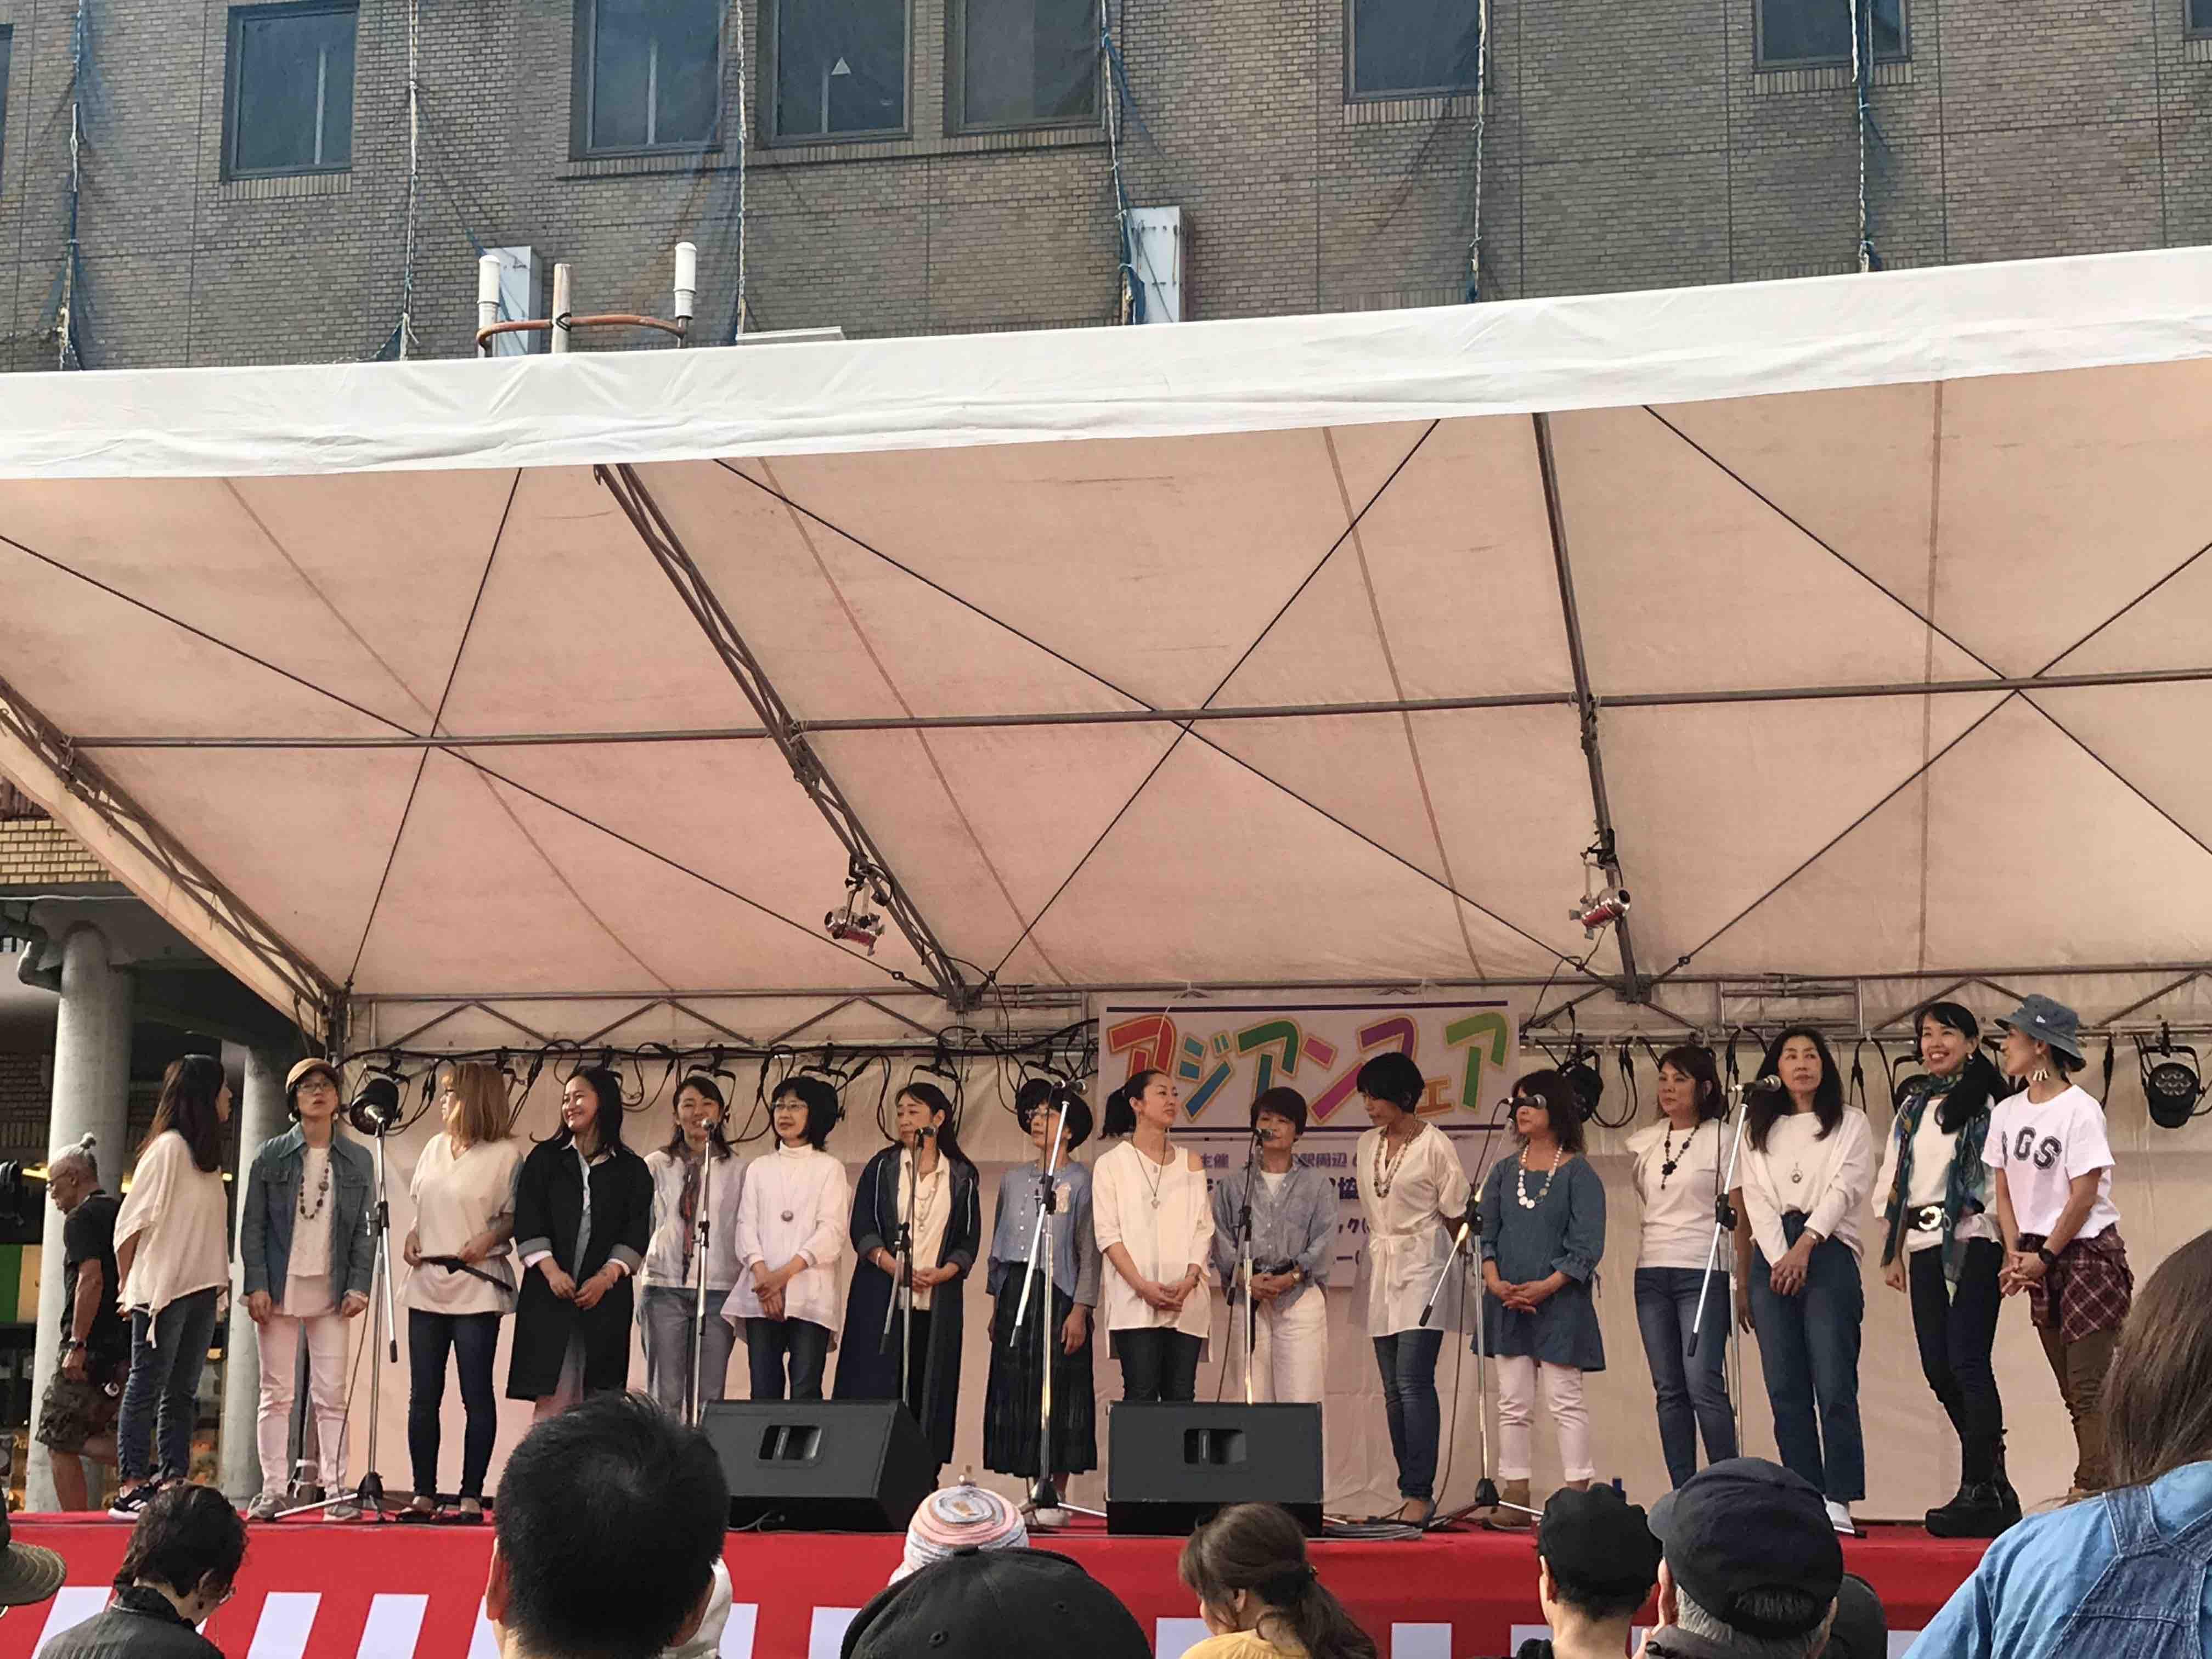 Awesome Faith(オーサムフェイス)吹田ジャズゴスペル出演